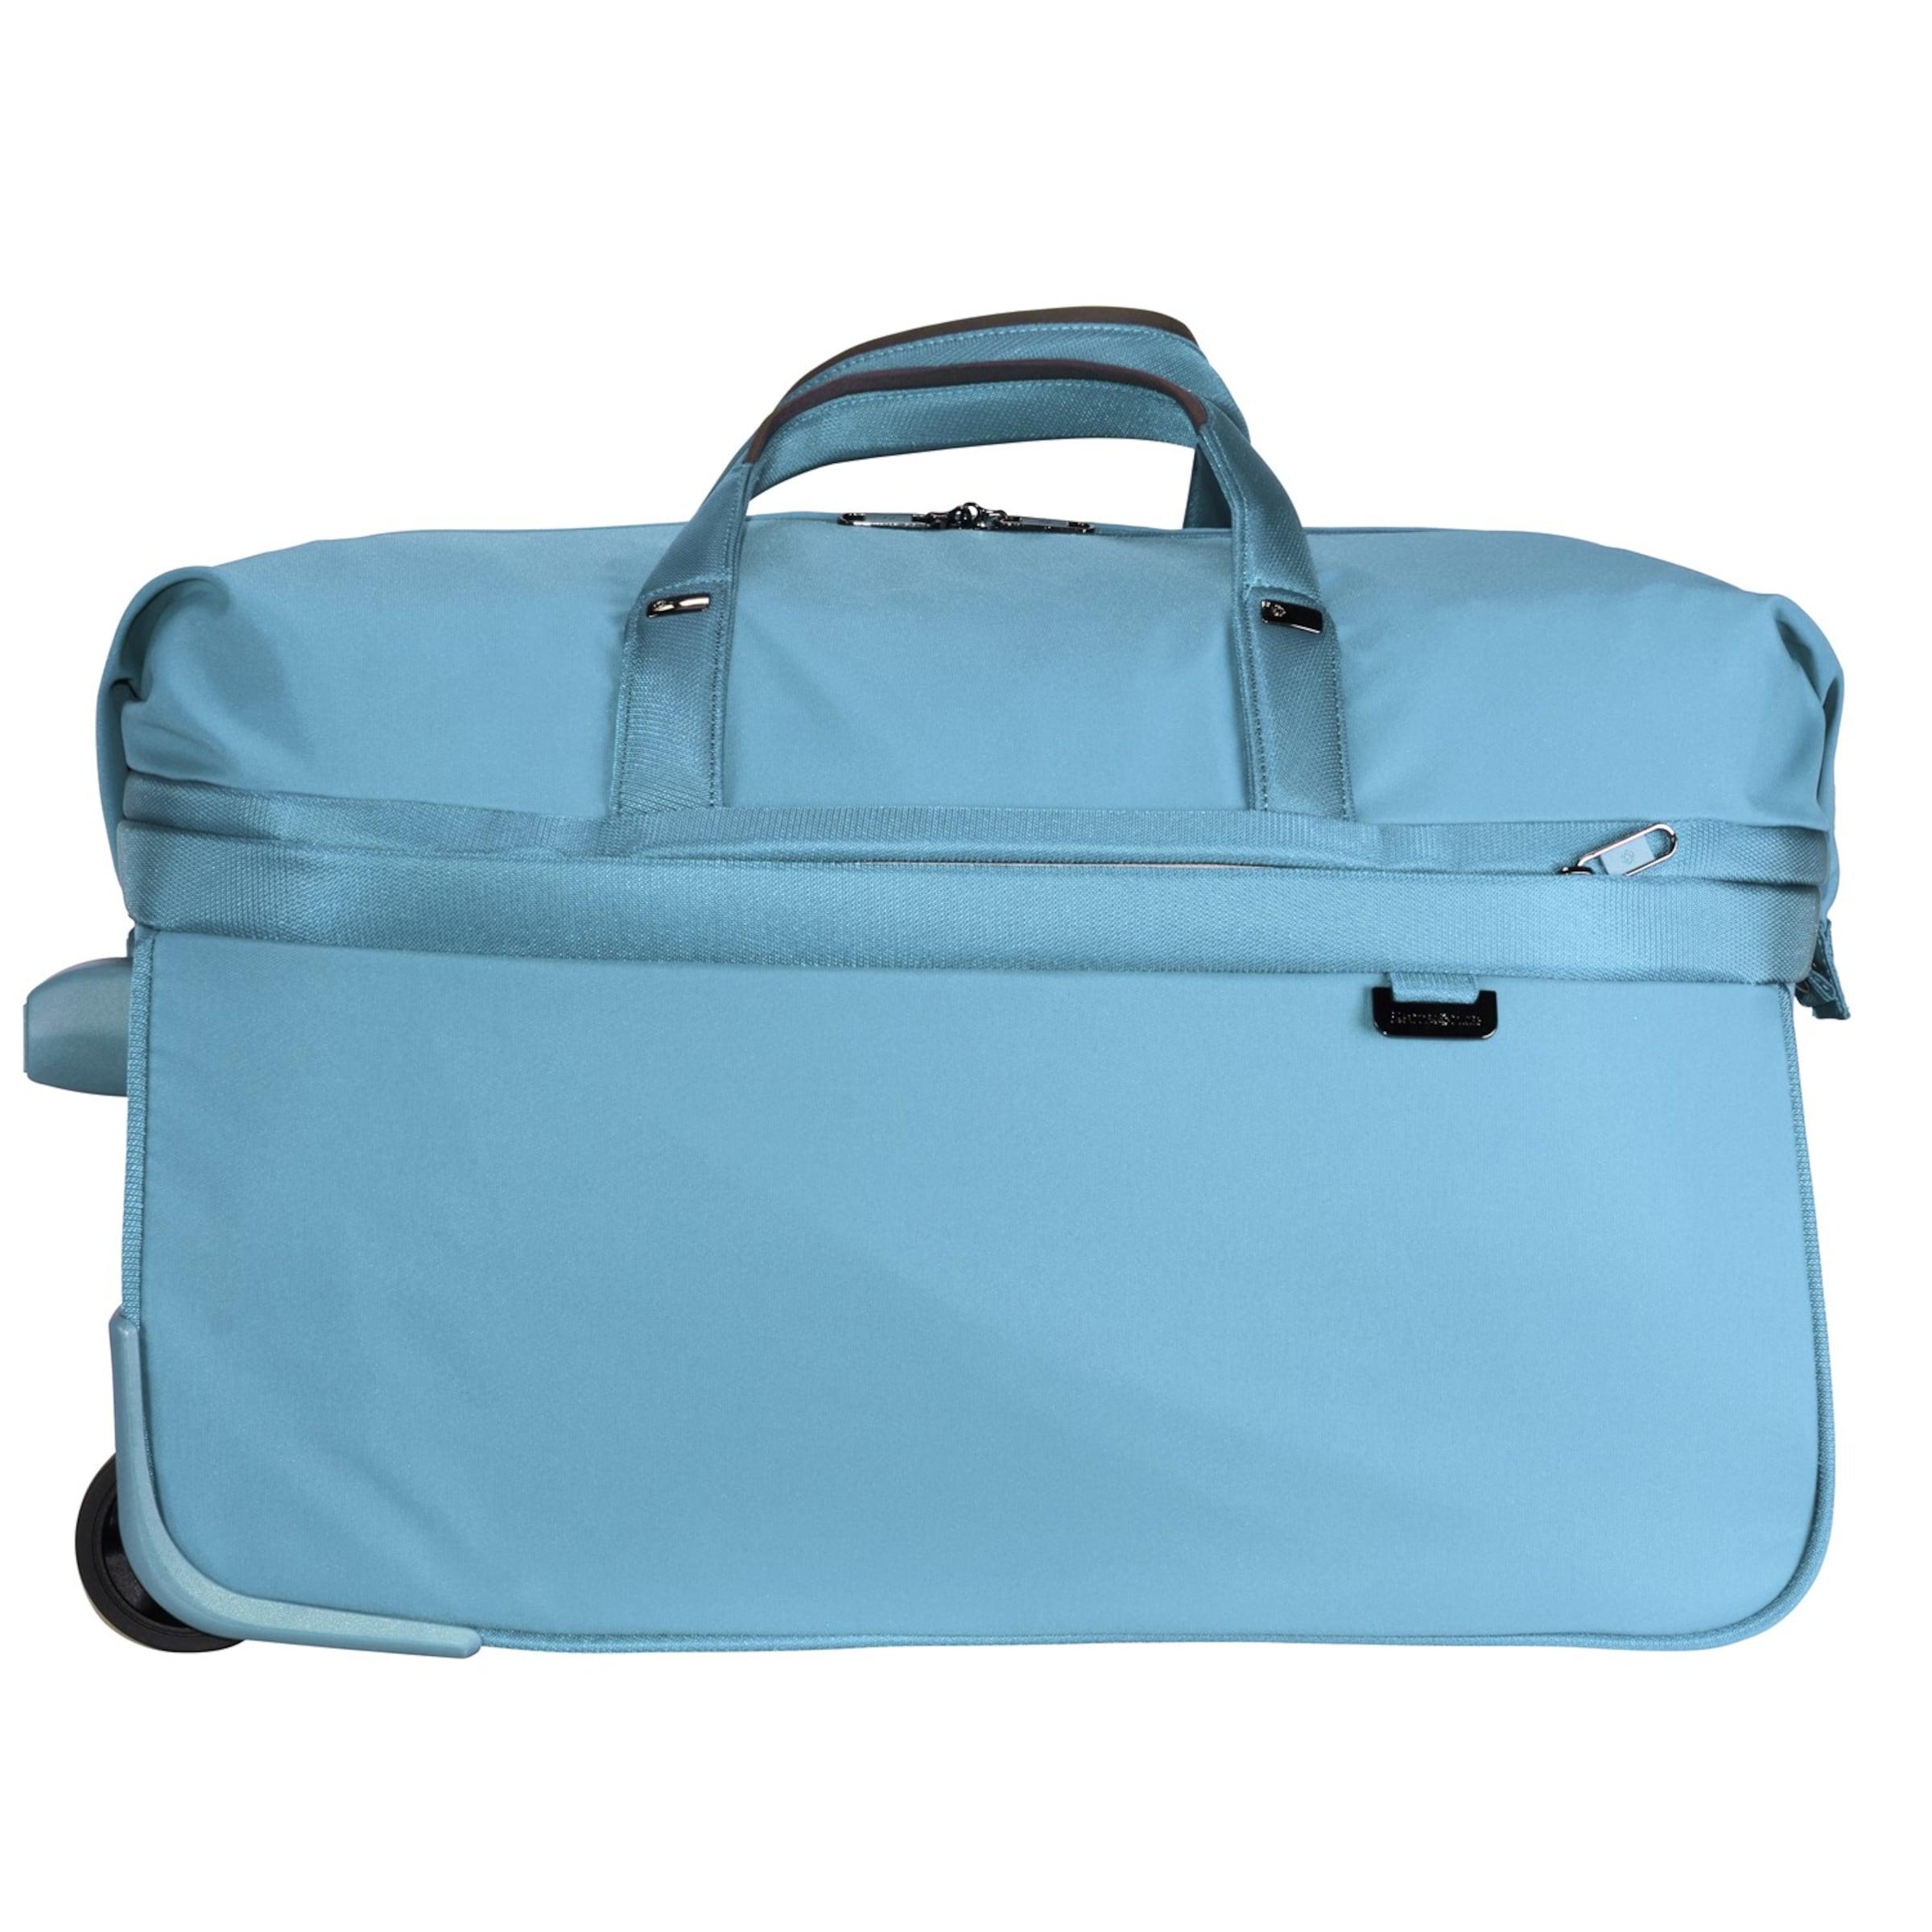 Modisch Wo Kann Ich Bestellen SAMSONITE Uplite 2-Rollen Reisetasche 55 cm Auslass 100% Authentisch Billig Verkauf Ausgezeichnet Billig Verkauf Rabatt AIIPAY6